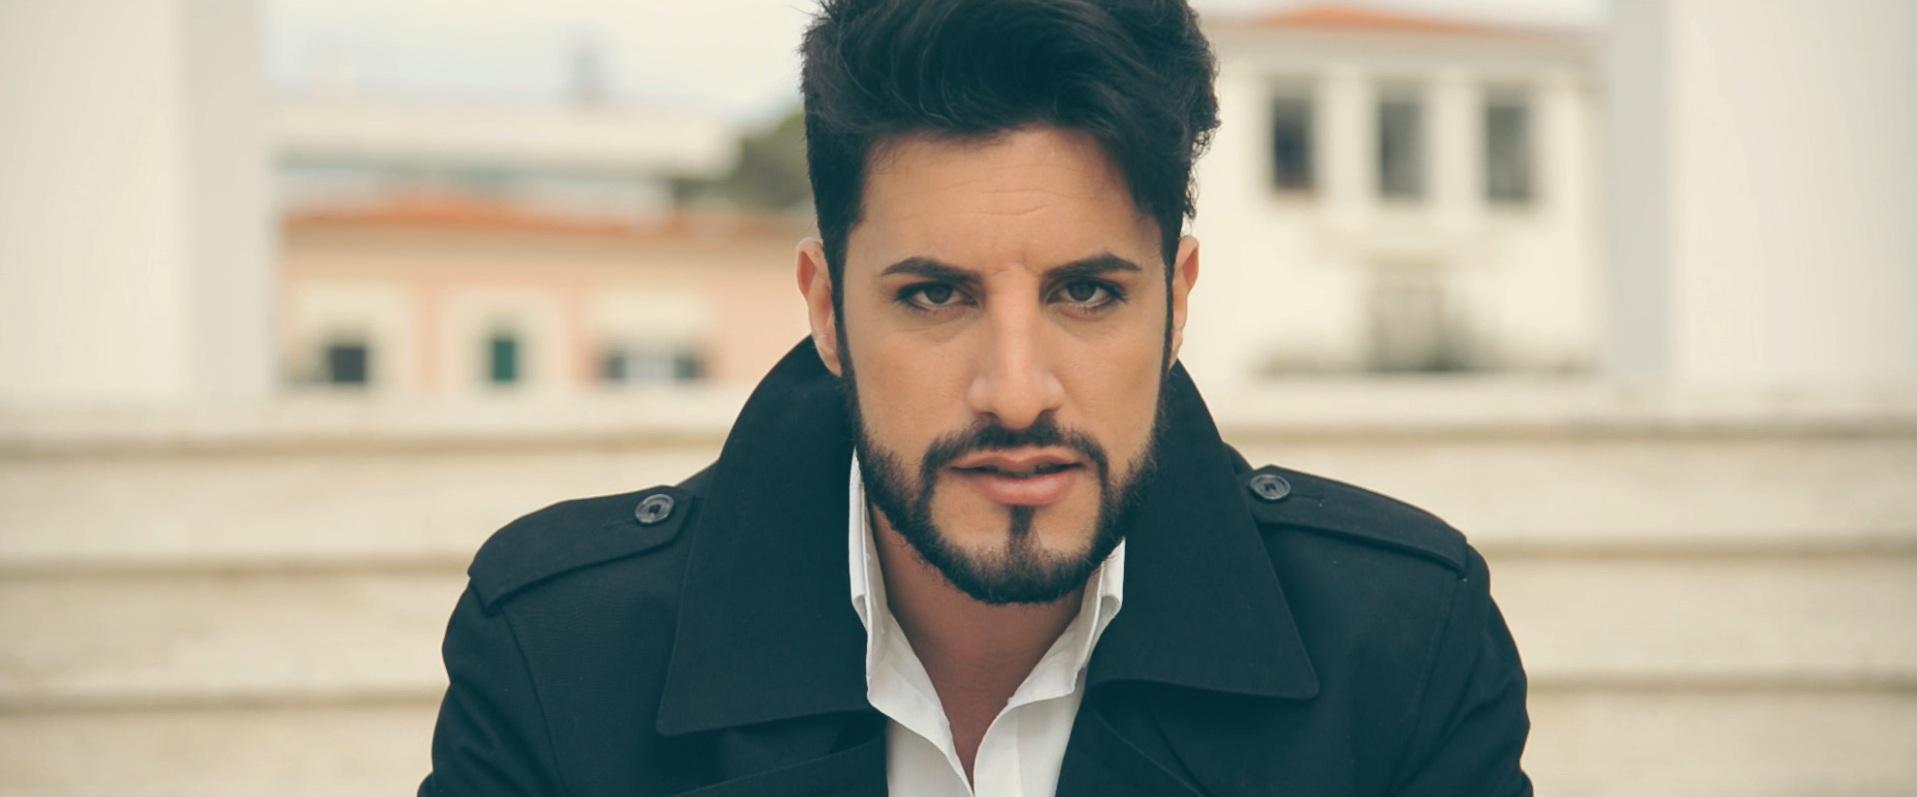 """Alessio Paddeu lanseaza primul sau single solo – """"Take my hand/Io e Te"""", concomitent in doua versiuni"""